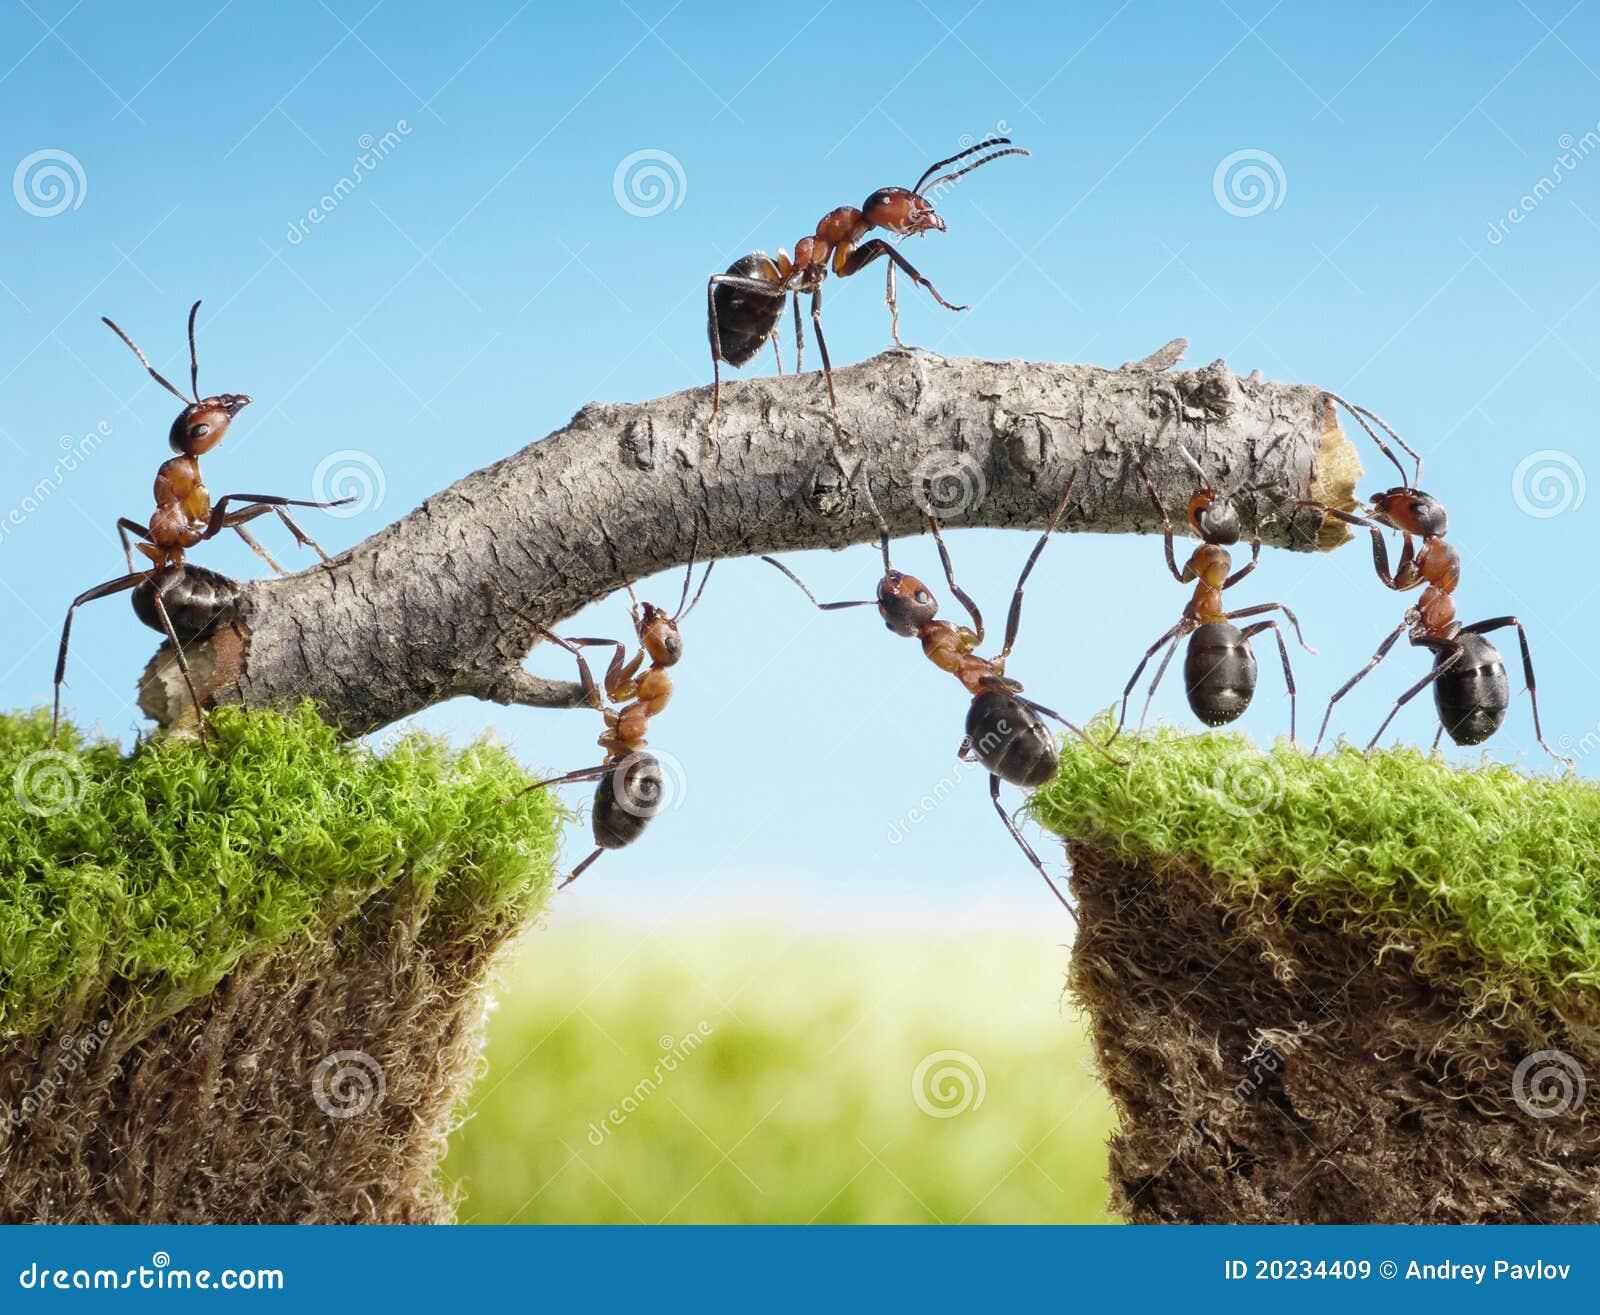 Equipe das formigas que constroem a ponte, trabalhos de equipa